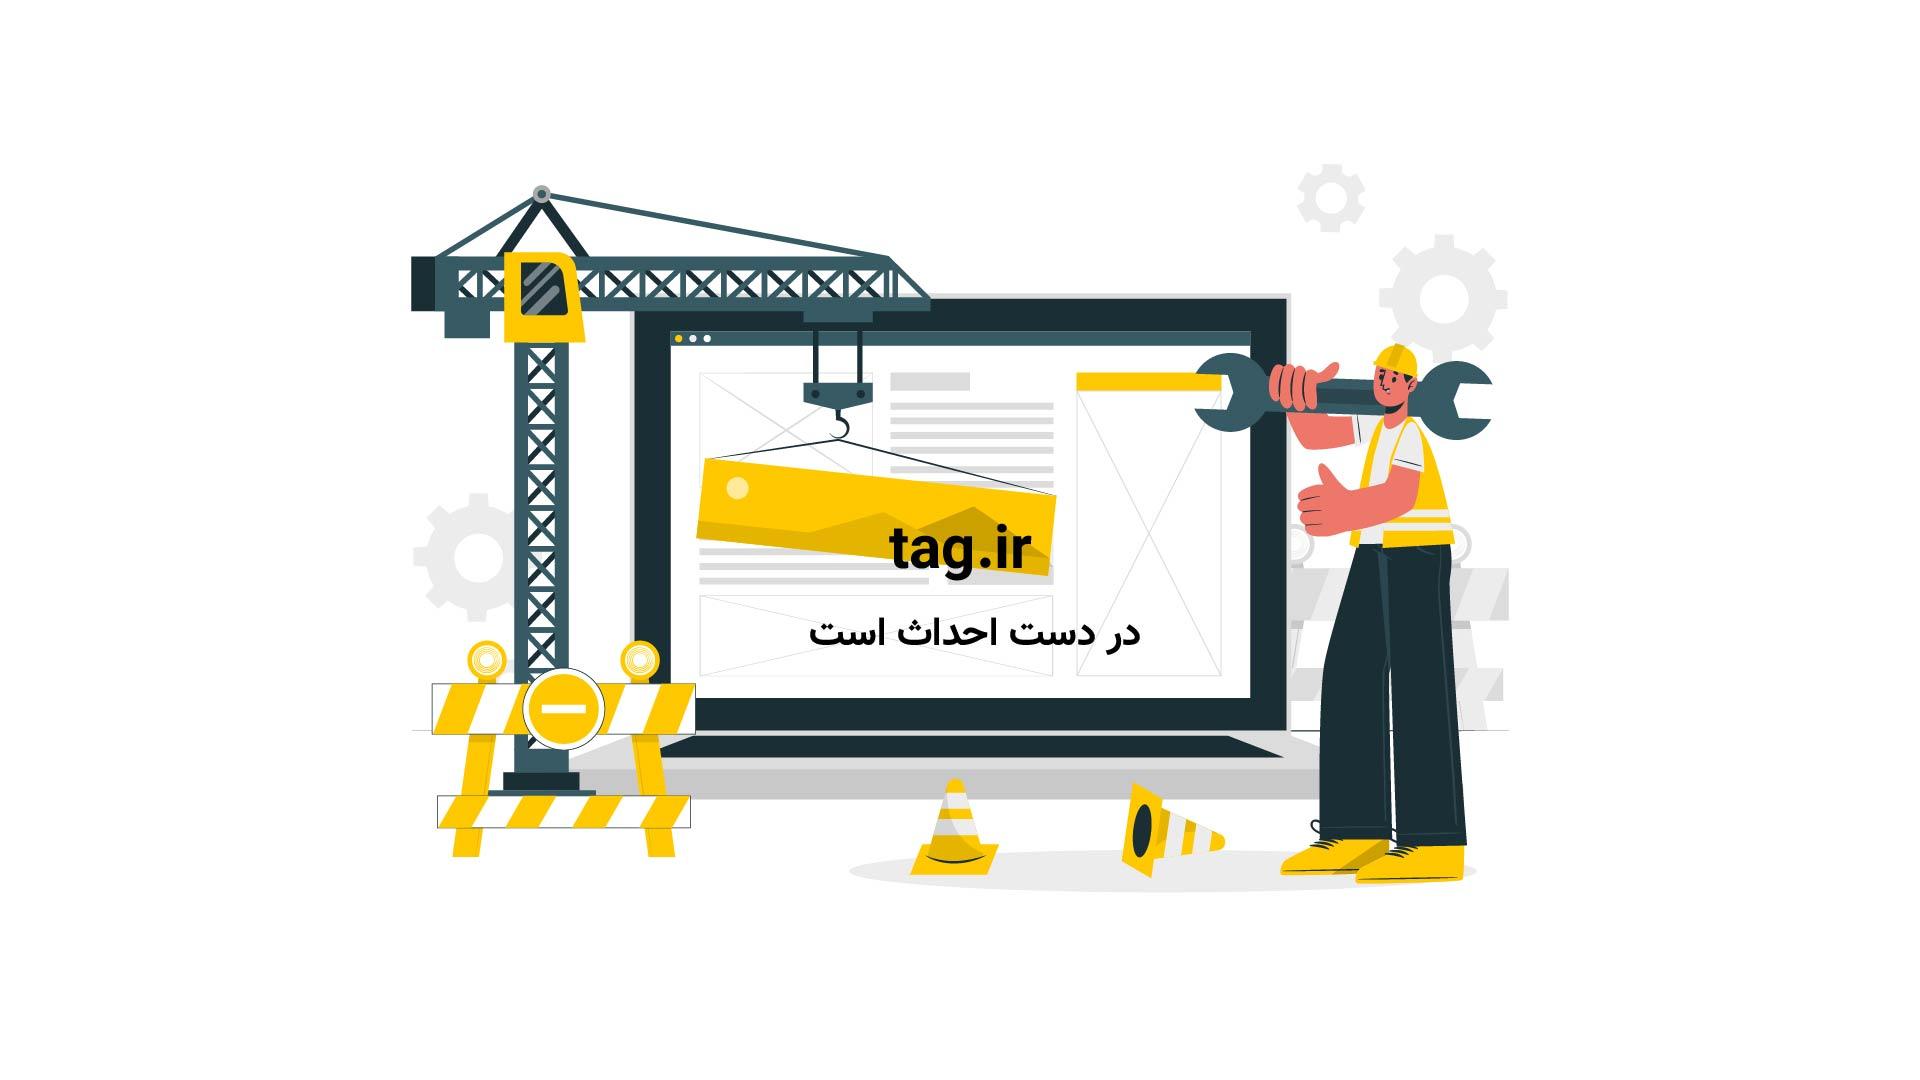 تصاویر تلسکوپ فضایی هابل | تگ